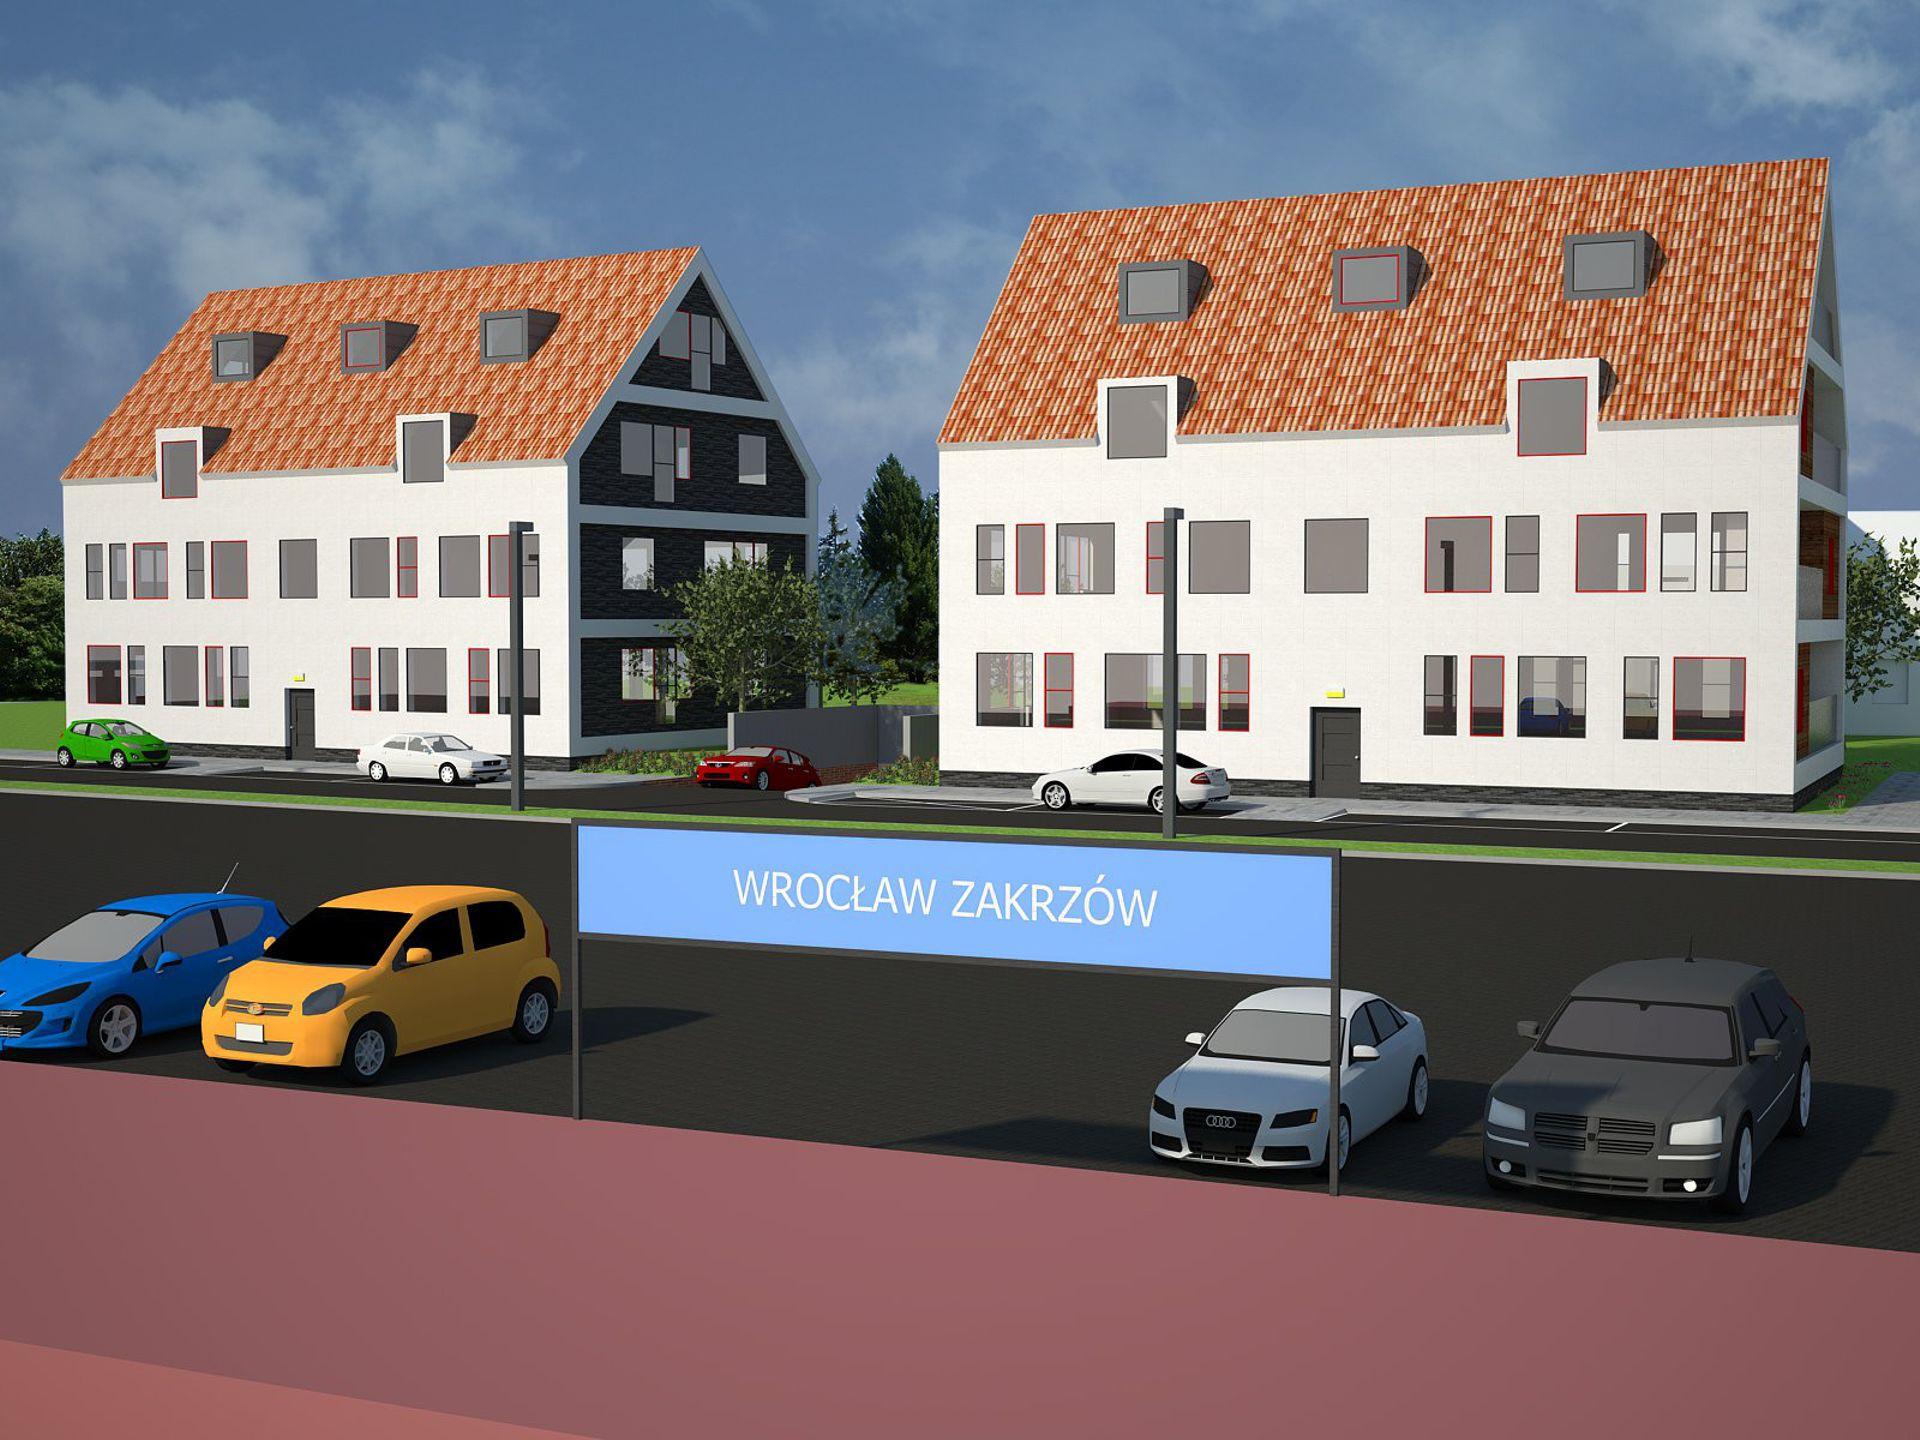 Wrocław: PKP chcą sprzedać teren na Zakrzowie pod osiedle